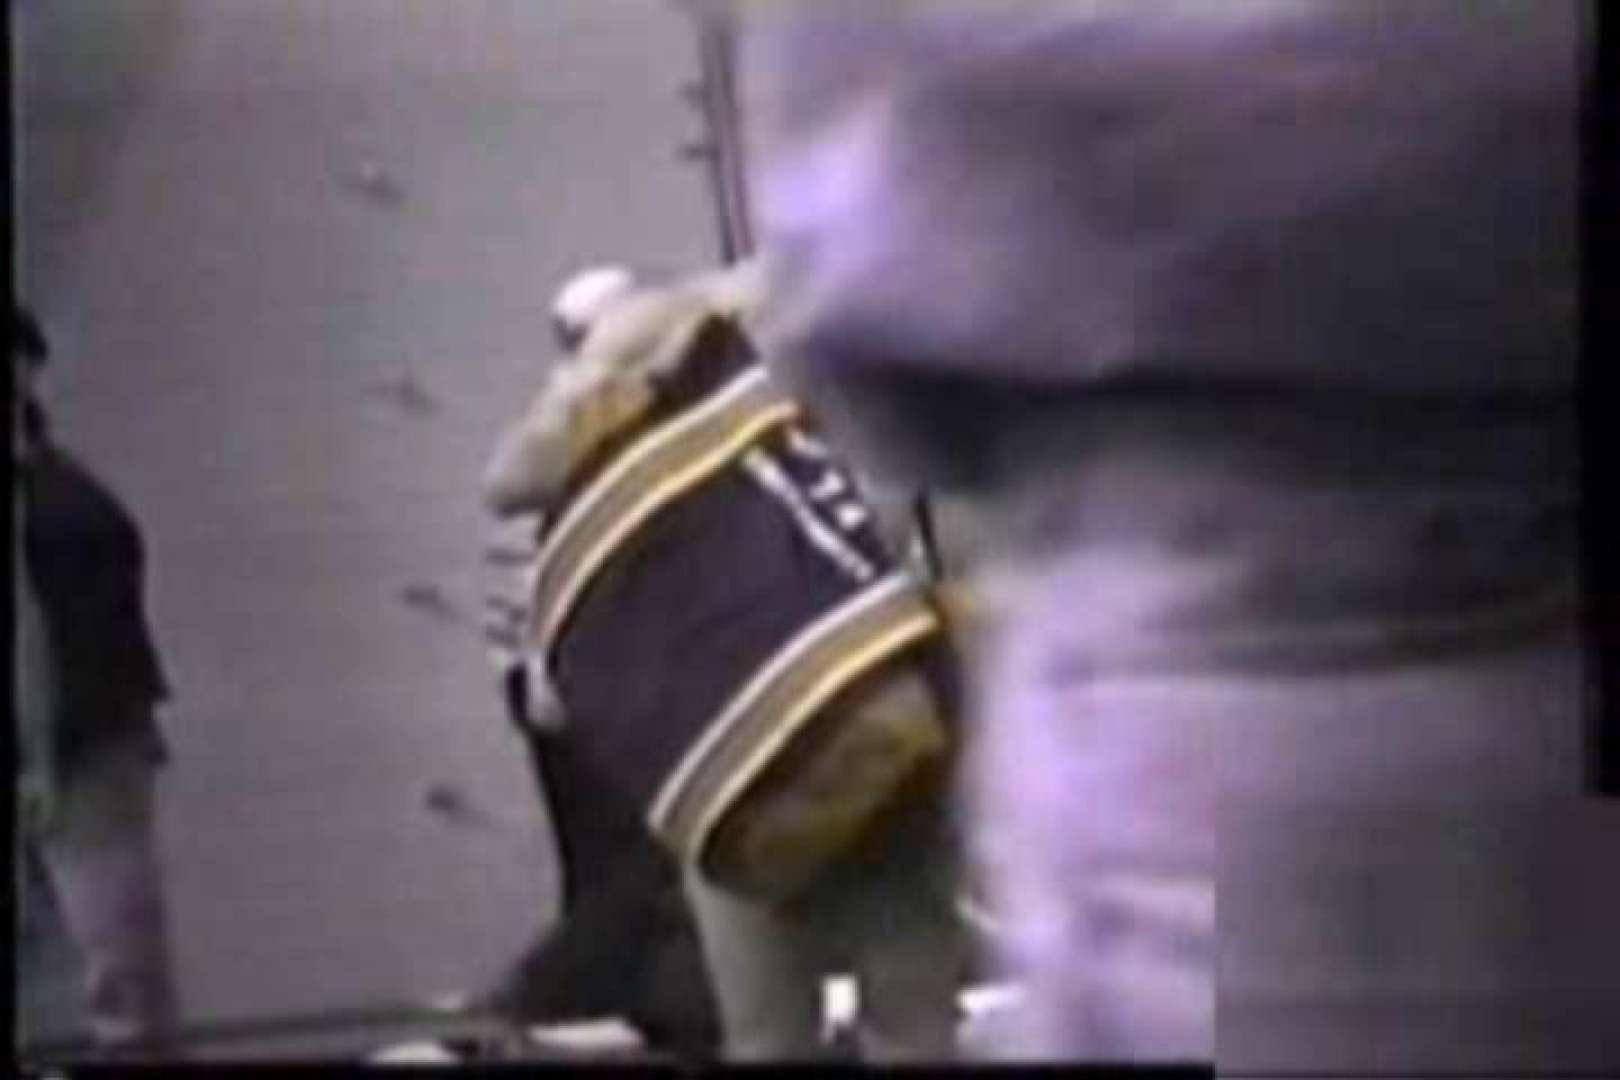 洋人さんの脱衣所を覗いてみました。VOL.6 ガチムチマッチョ系 尻マンコ画像 22連発 3